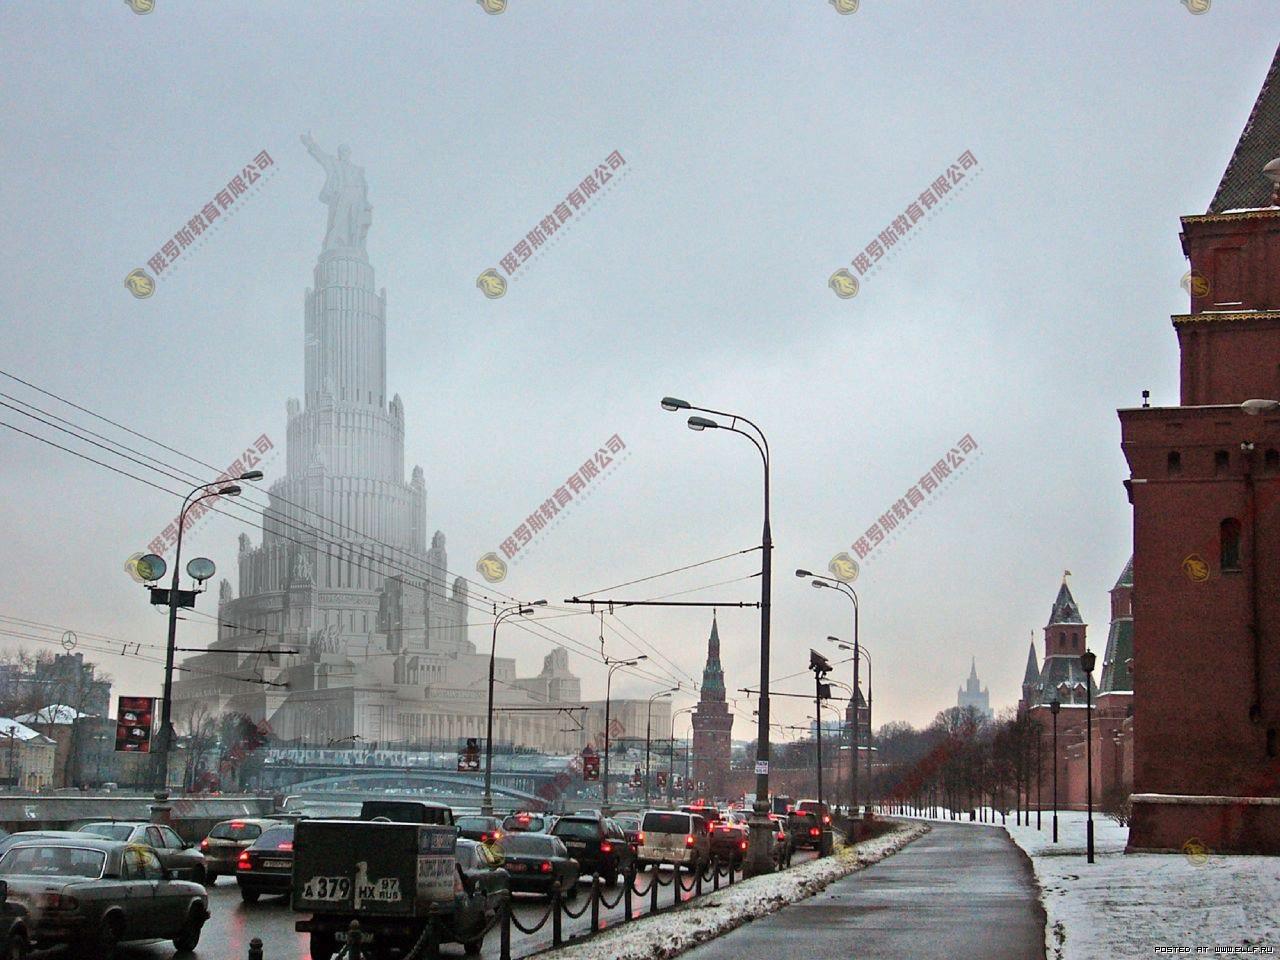 苏联时期最强部门之乌拉尔联邦大学车辆和载重运输机械系插图2-小狮座俄罗斯留学